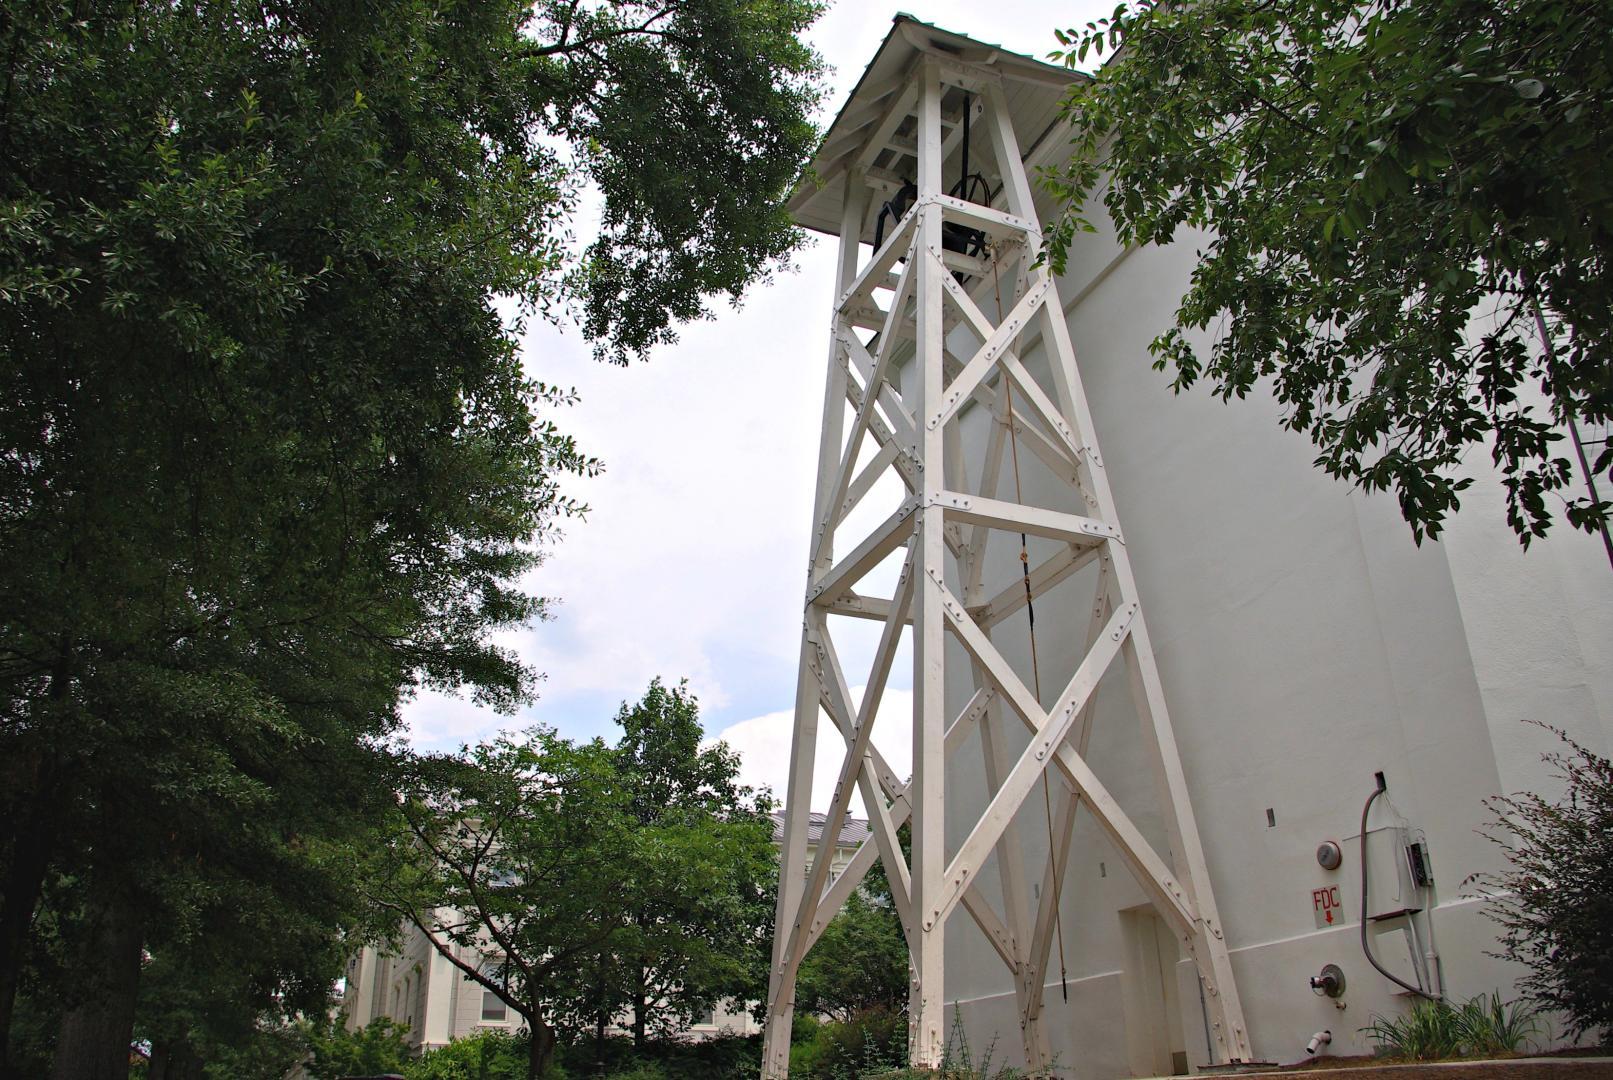 Athens Ga Campus Chapel Bell Credit Visitathensga.com Web